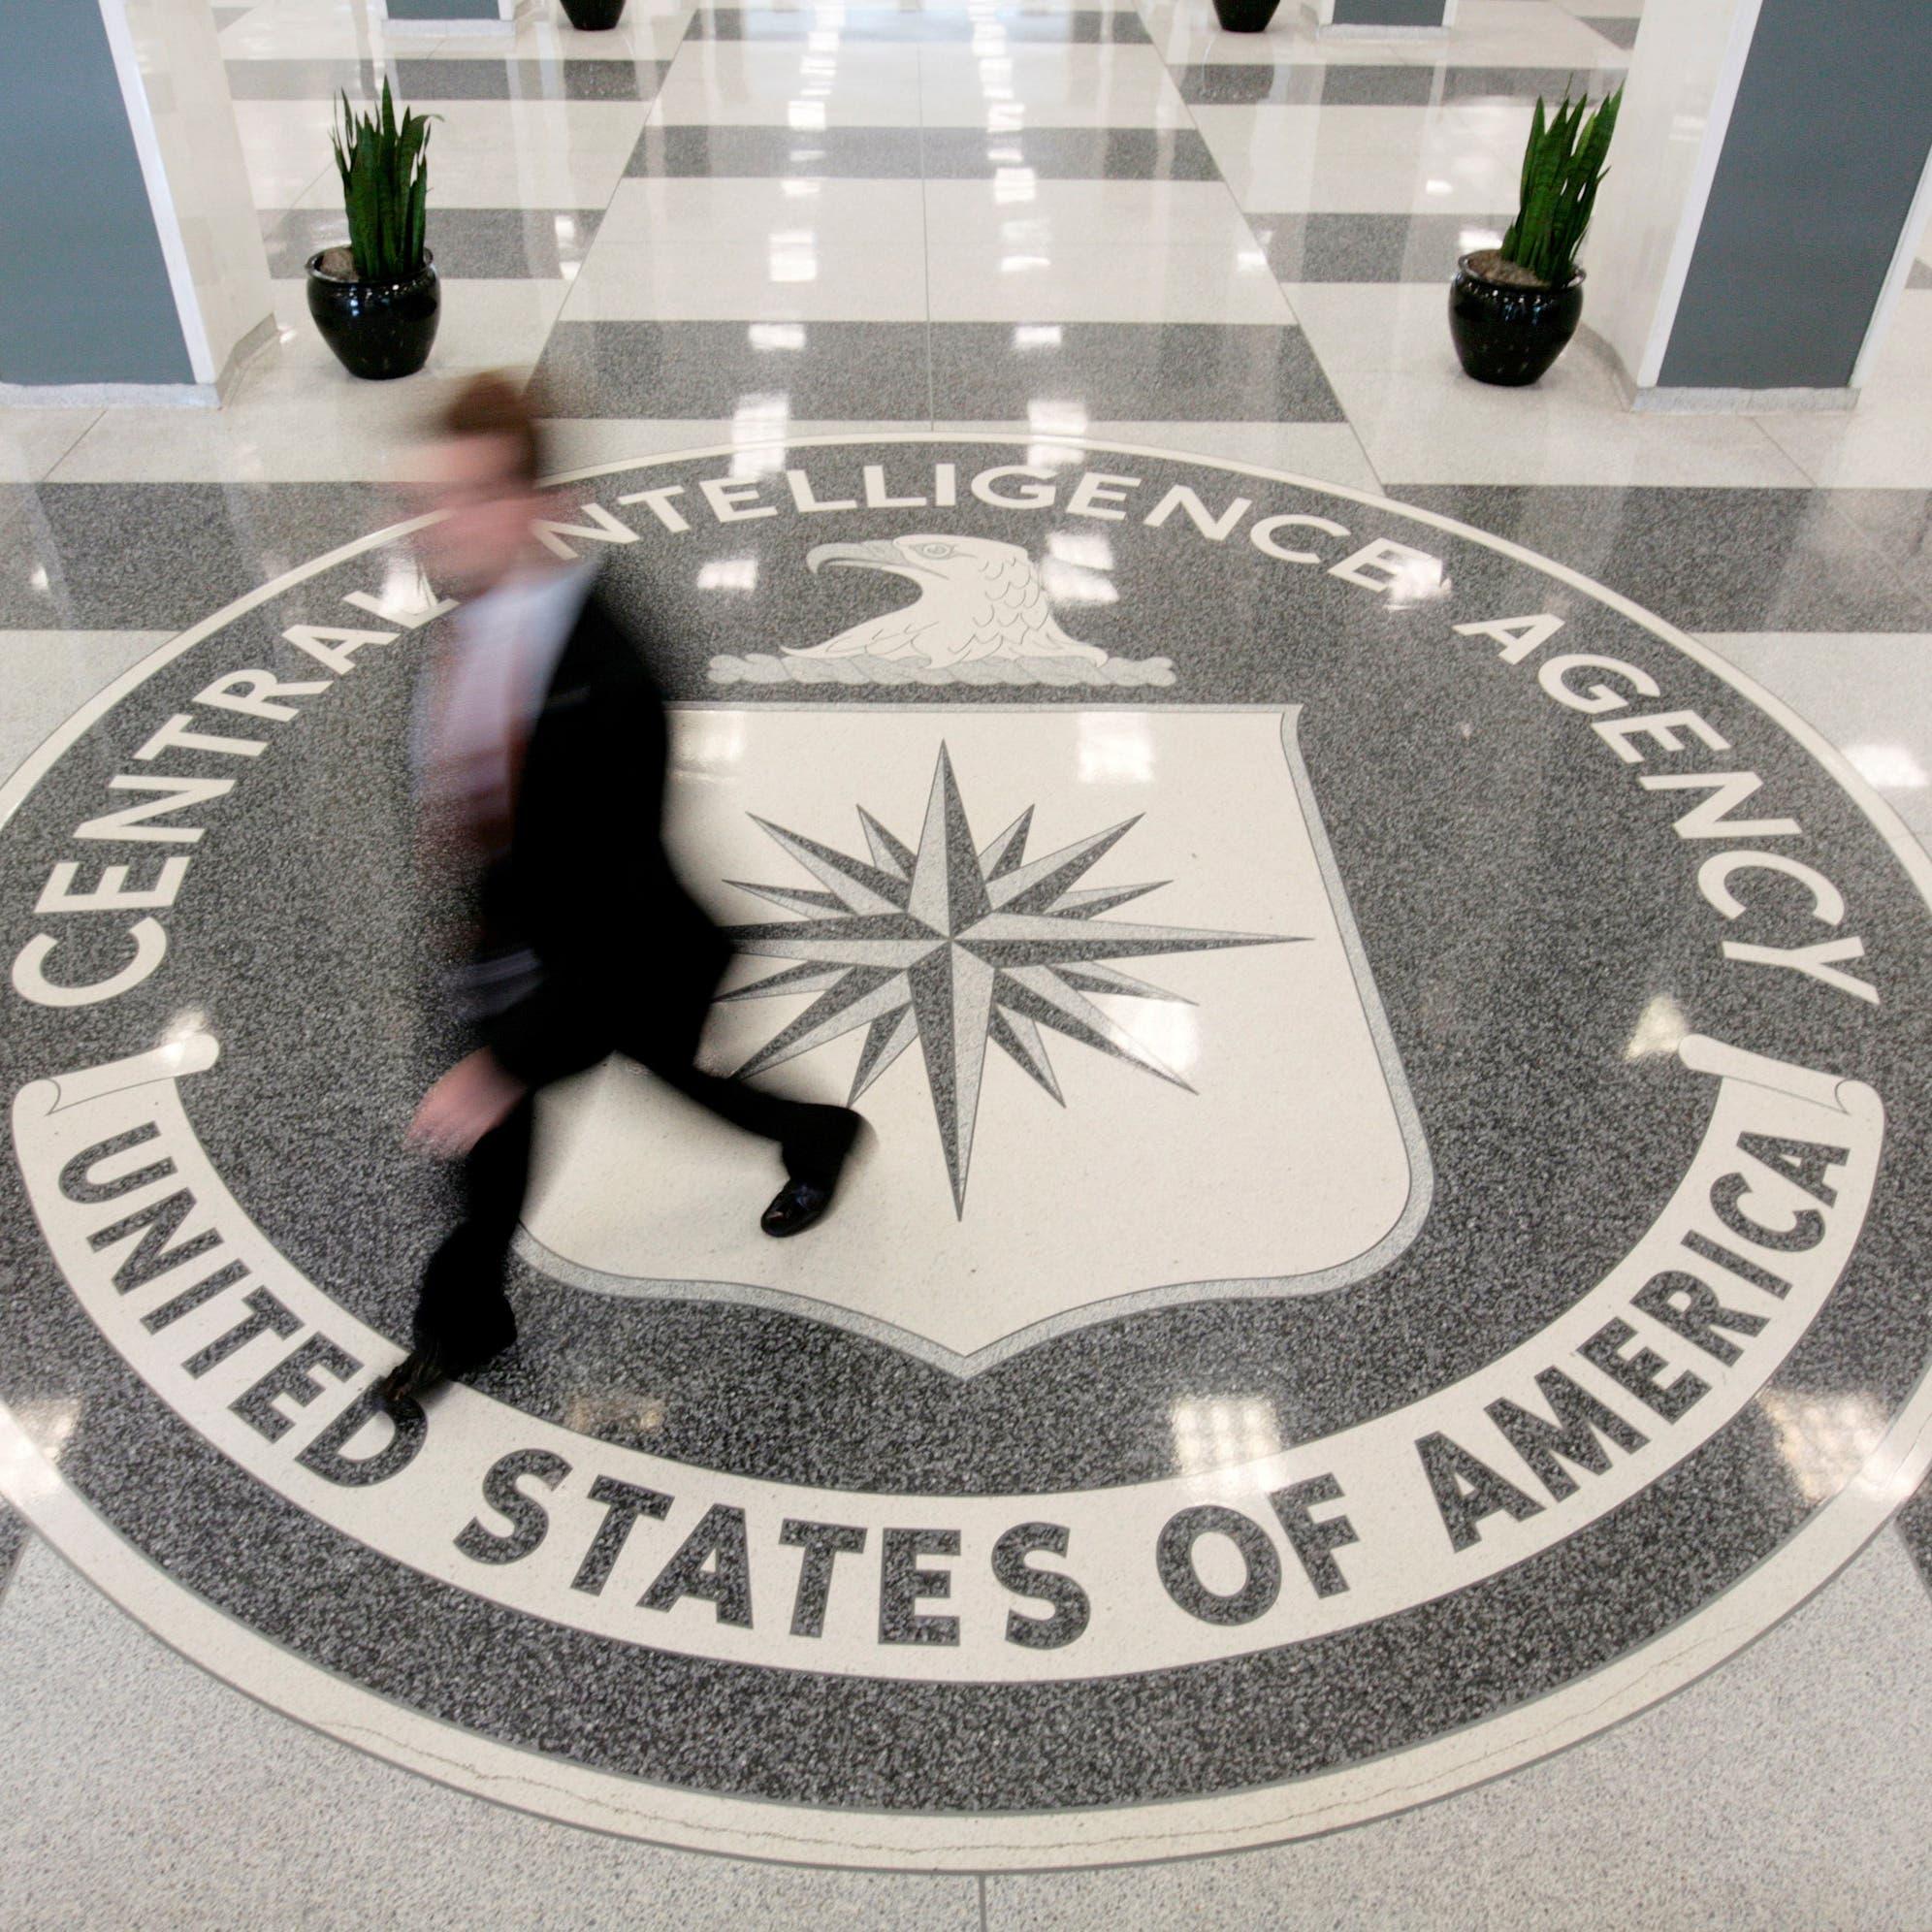 CIA يطلع مشرعين على معلومات سرية بشأن التدخل الروسي